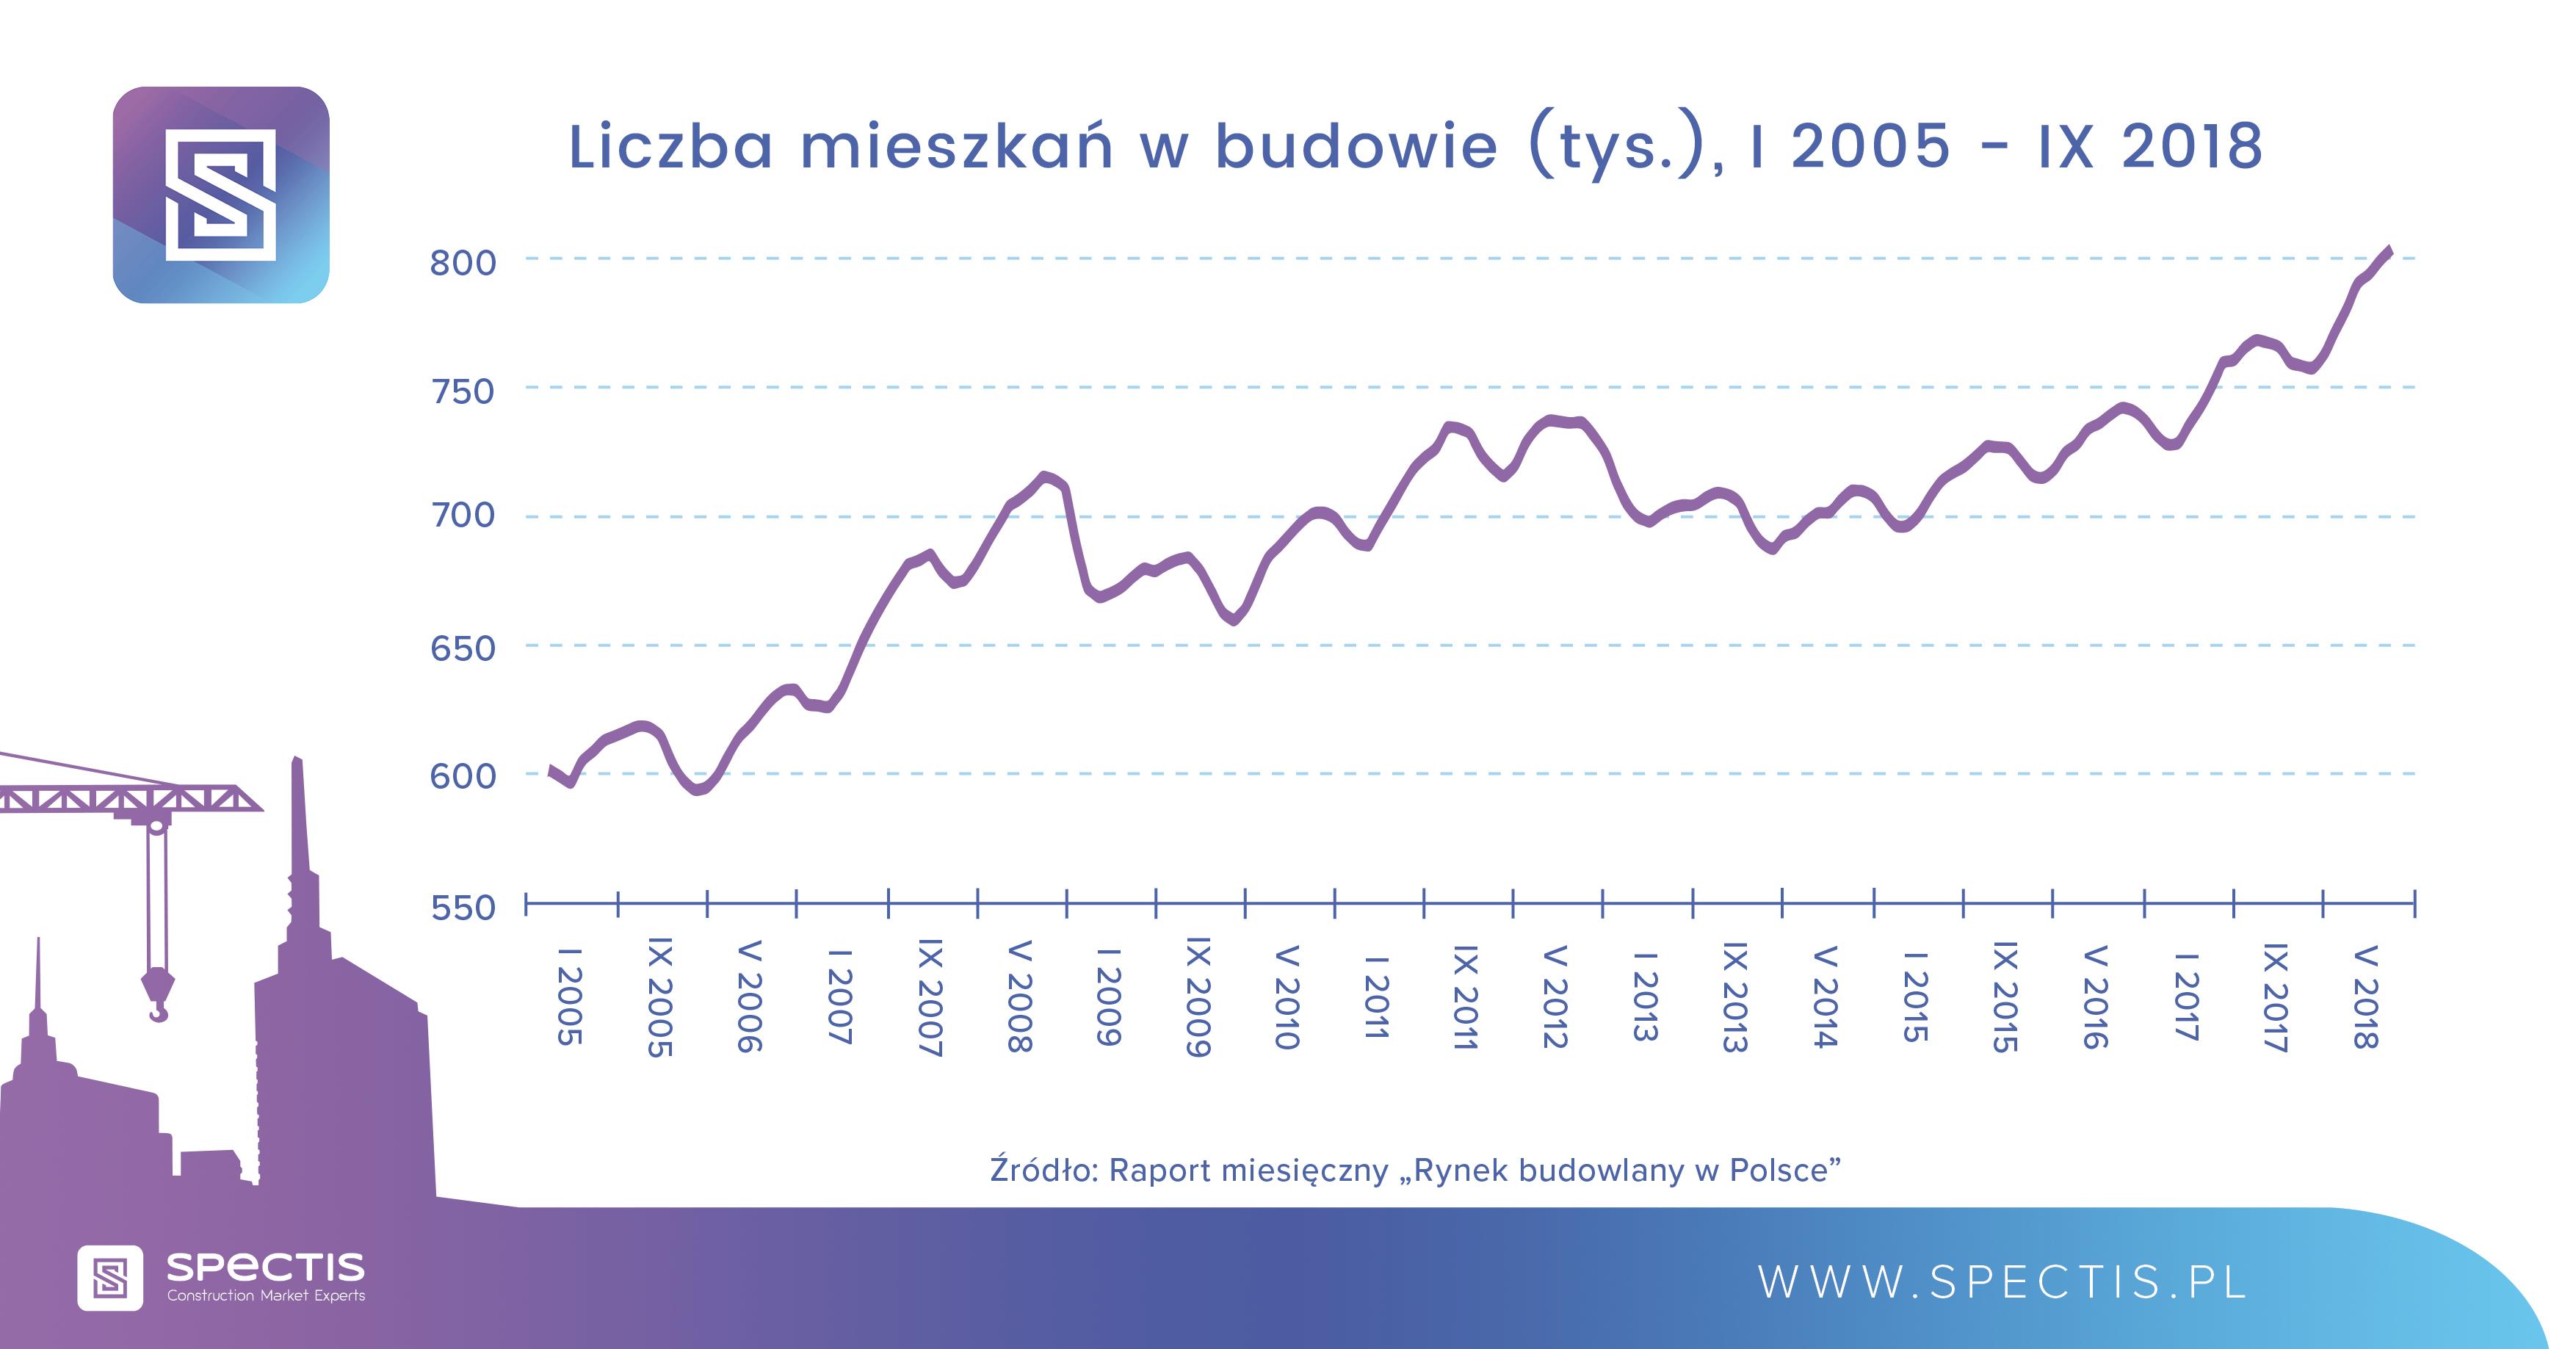 Liczba mieszkań w budowie za okres I 2015 - IX 2018. Źródło: Spectis